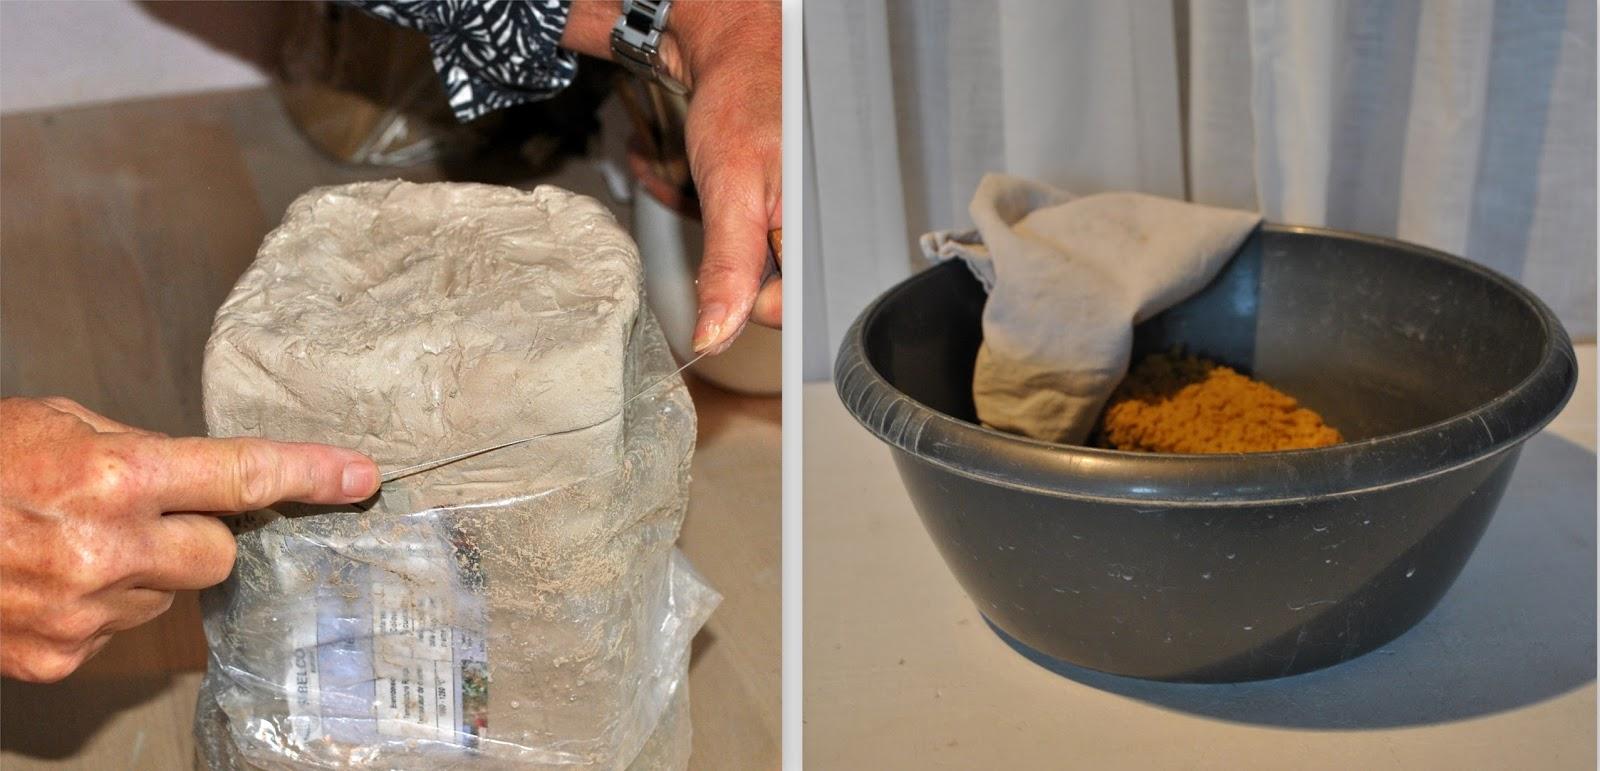 Gartendeko blog keramik pfel modellieren - Knetbeton anleitung ...